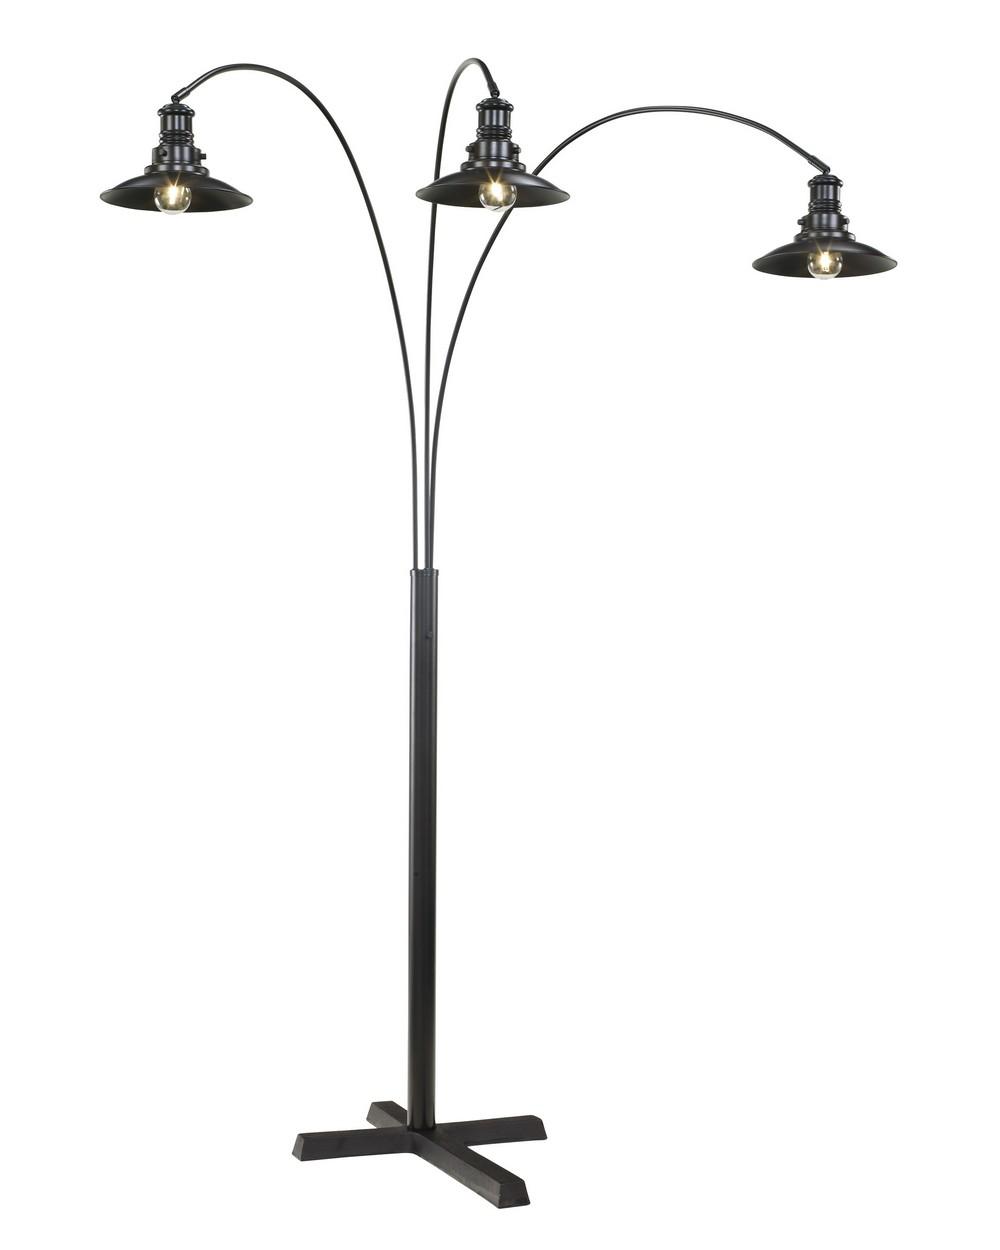 sheriel black metal arc floor lamp central rent 2 own. Black Bedroom Furniture Sets. Home Design Ideas